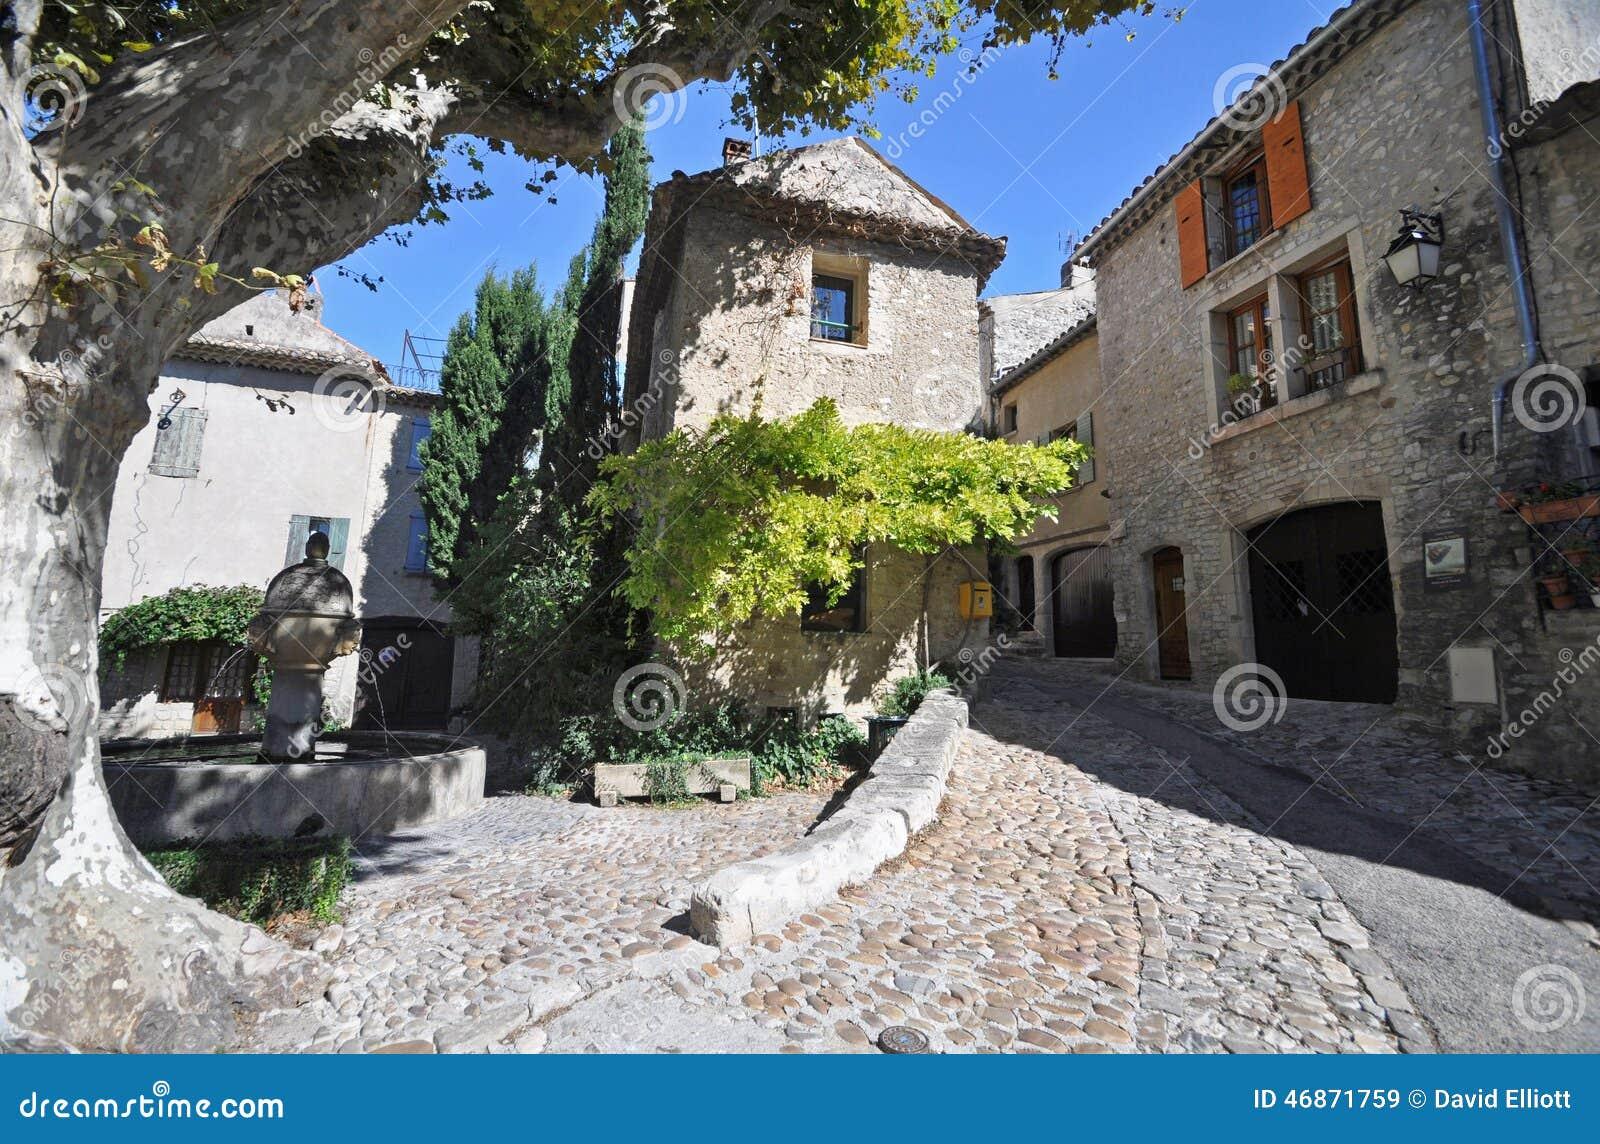 place du vieux marche vaison la romaine vancluse in provence stock image image 46871759. Black Bedroom Furniture Sets. Home Design Ideas